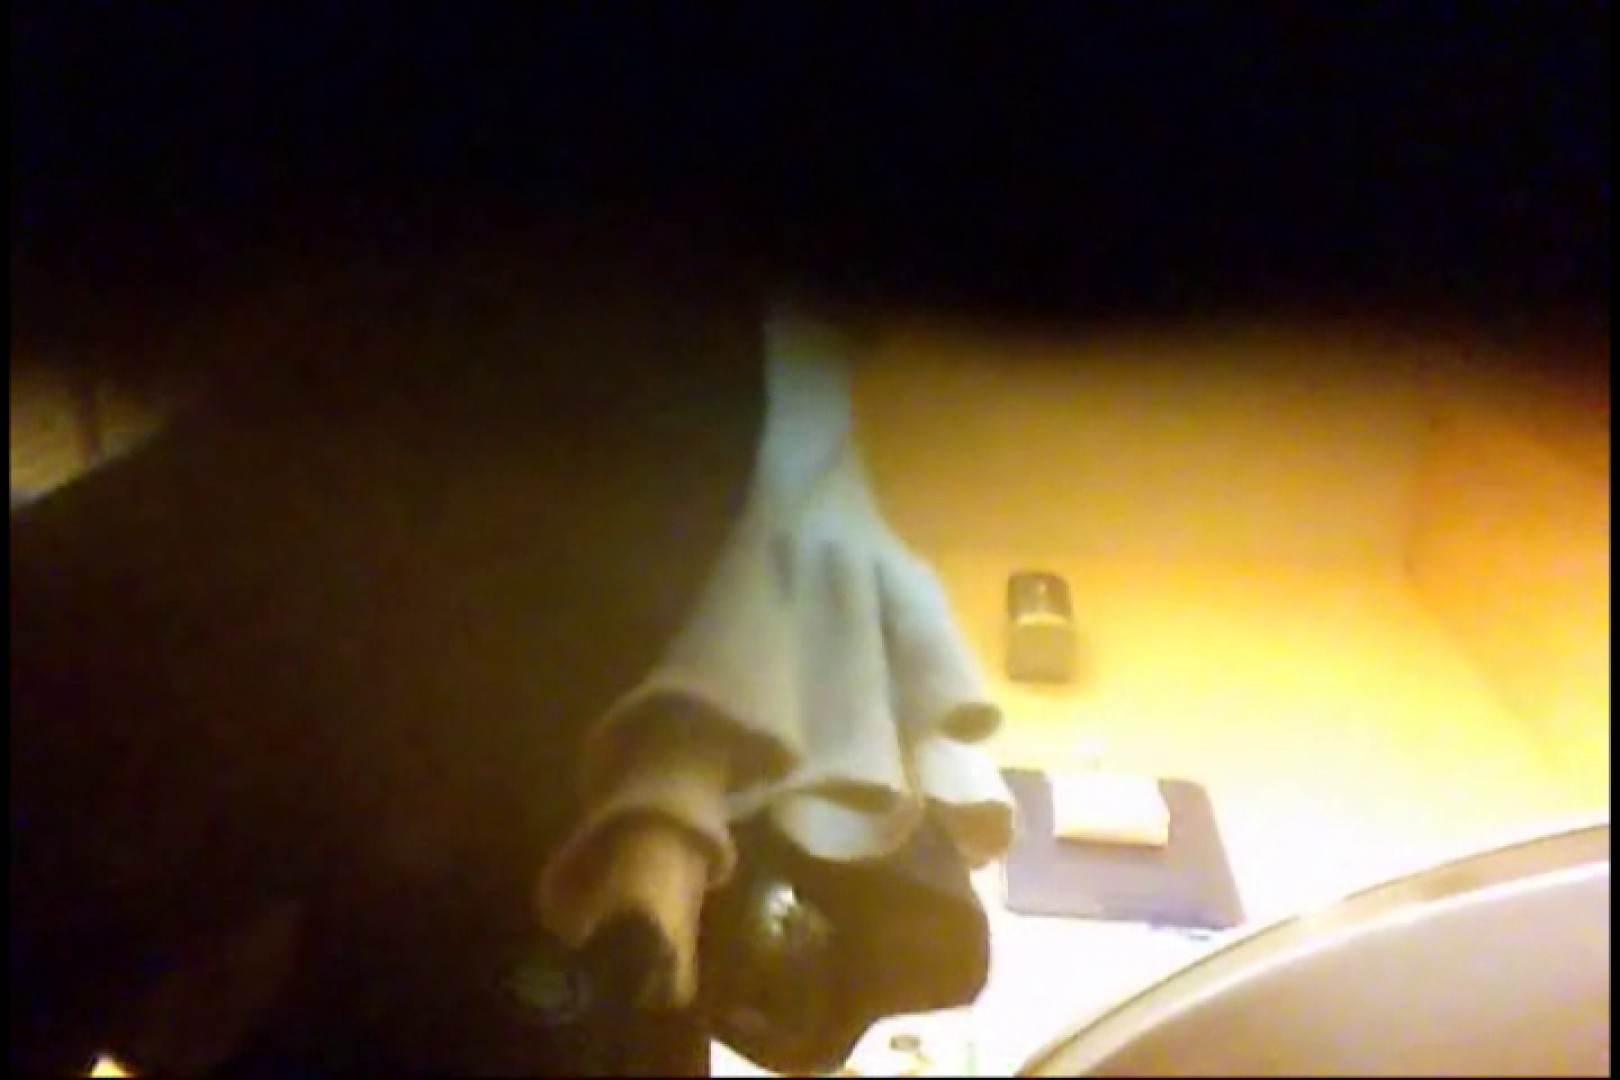 マダムが集まるデパートお手洗い Vol.29 OLの実態 覗き性交動画流出 83pic 26